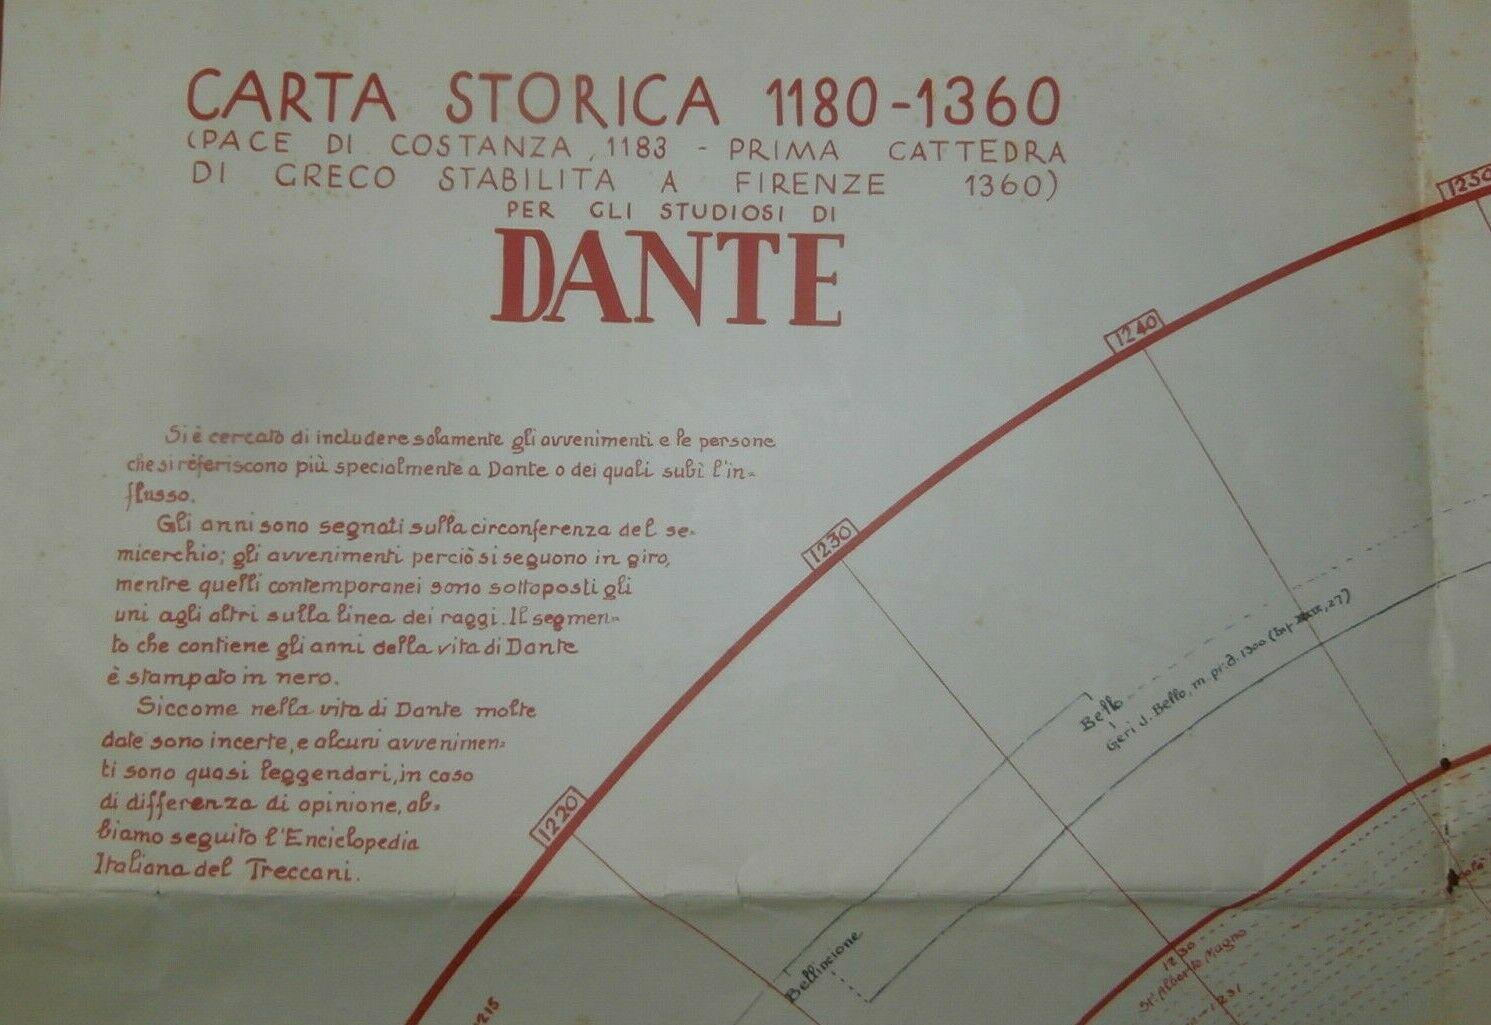 DANTE 2021: Oggi spunta una carta storica sulla vita di Dante Alighieri stampata in U.S.A. nel 1940 (in italiano) sconosciuta a tutte le bibliografie